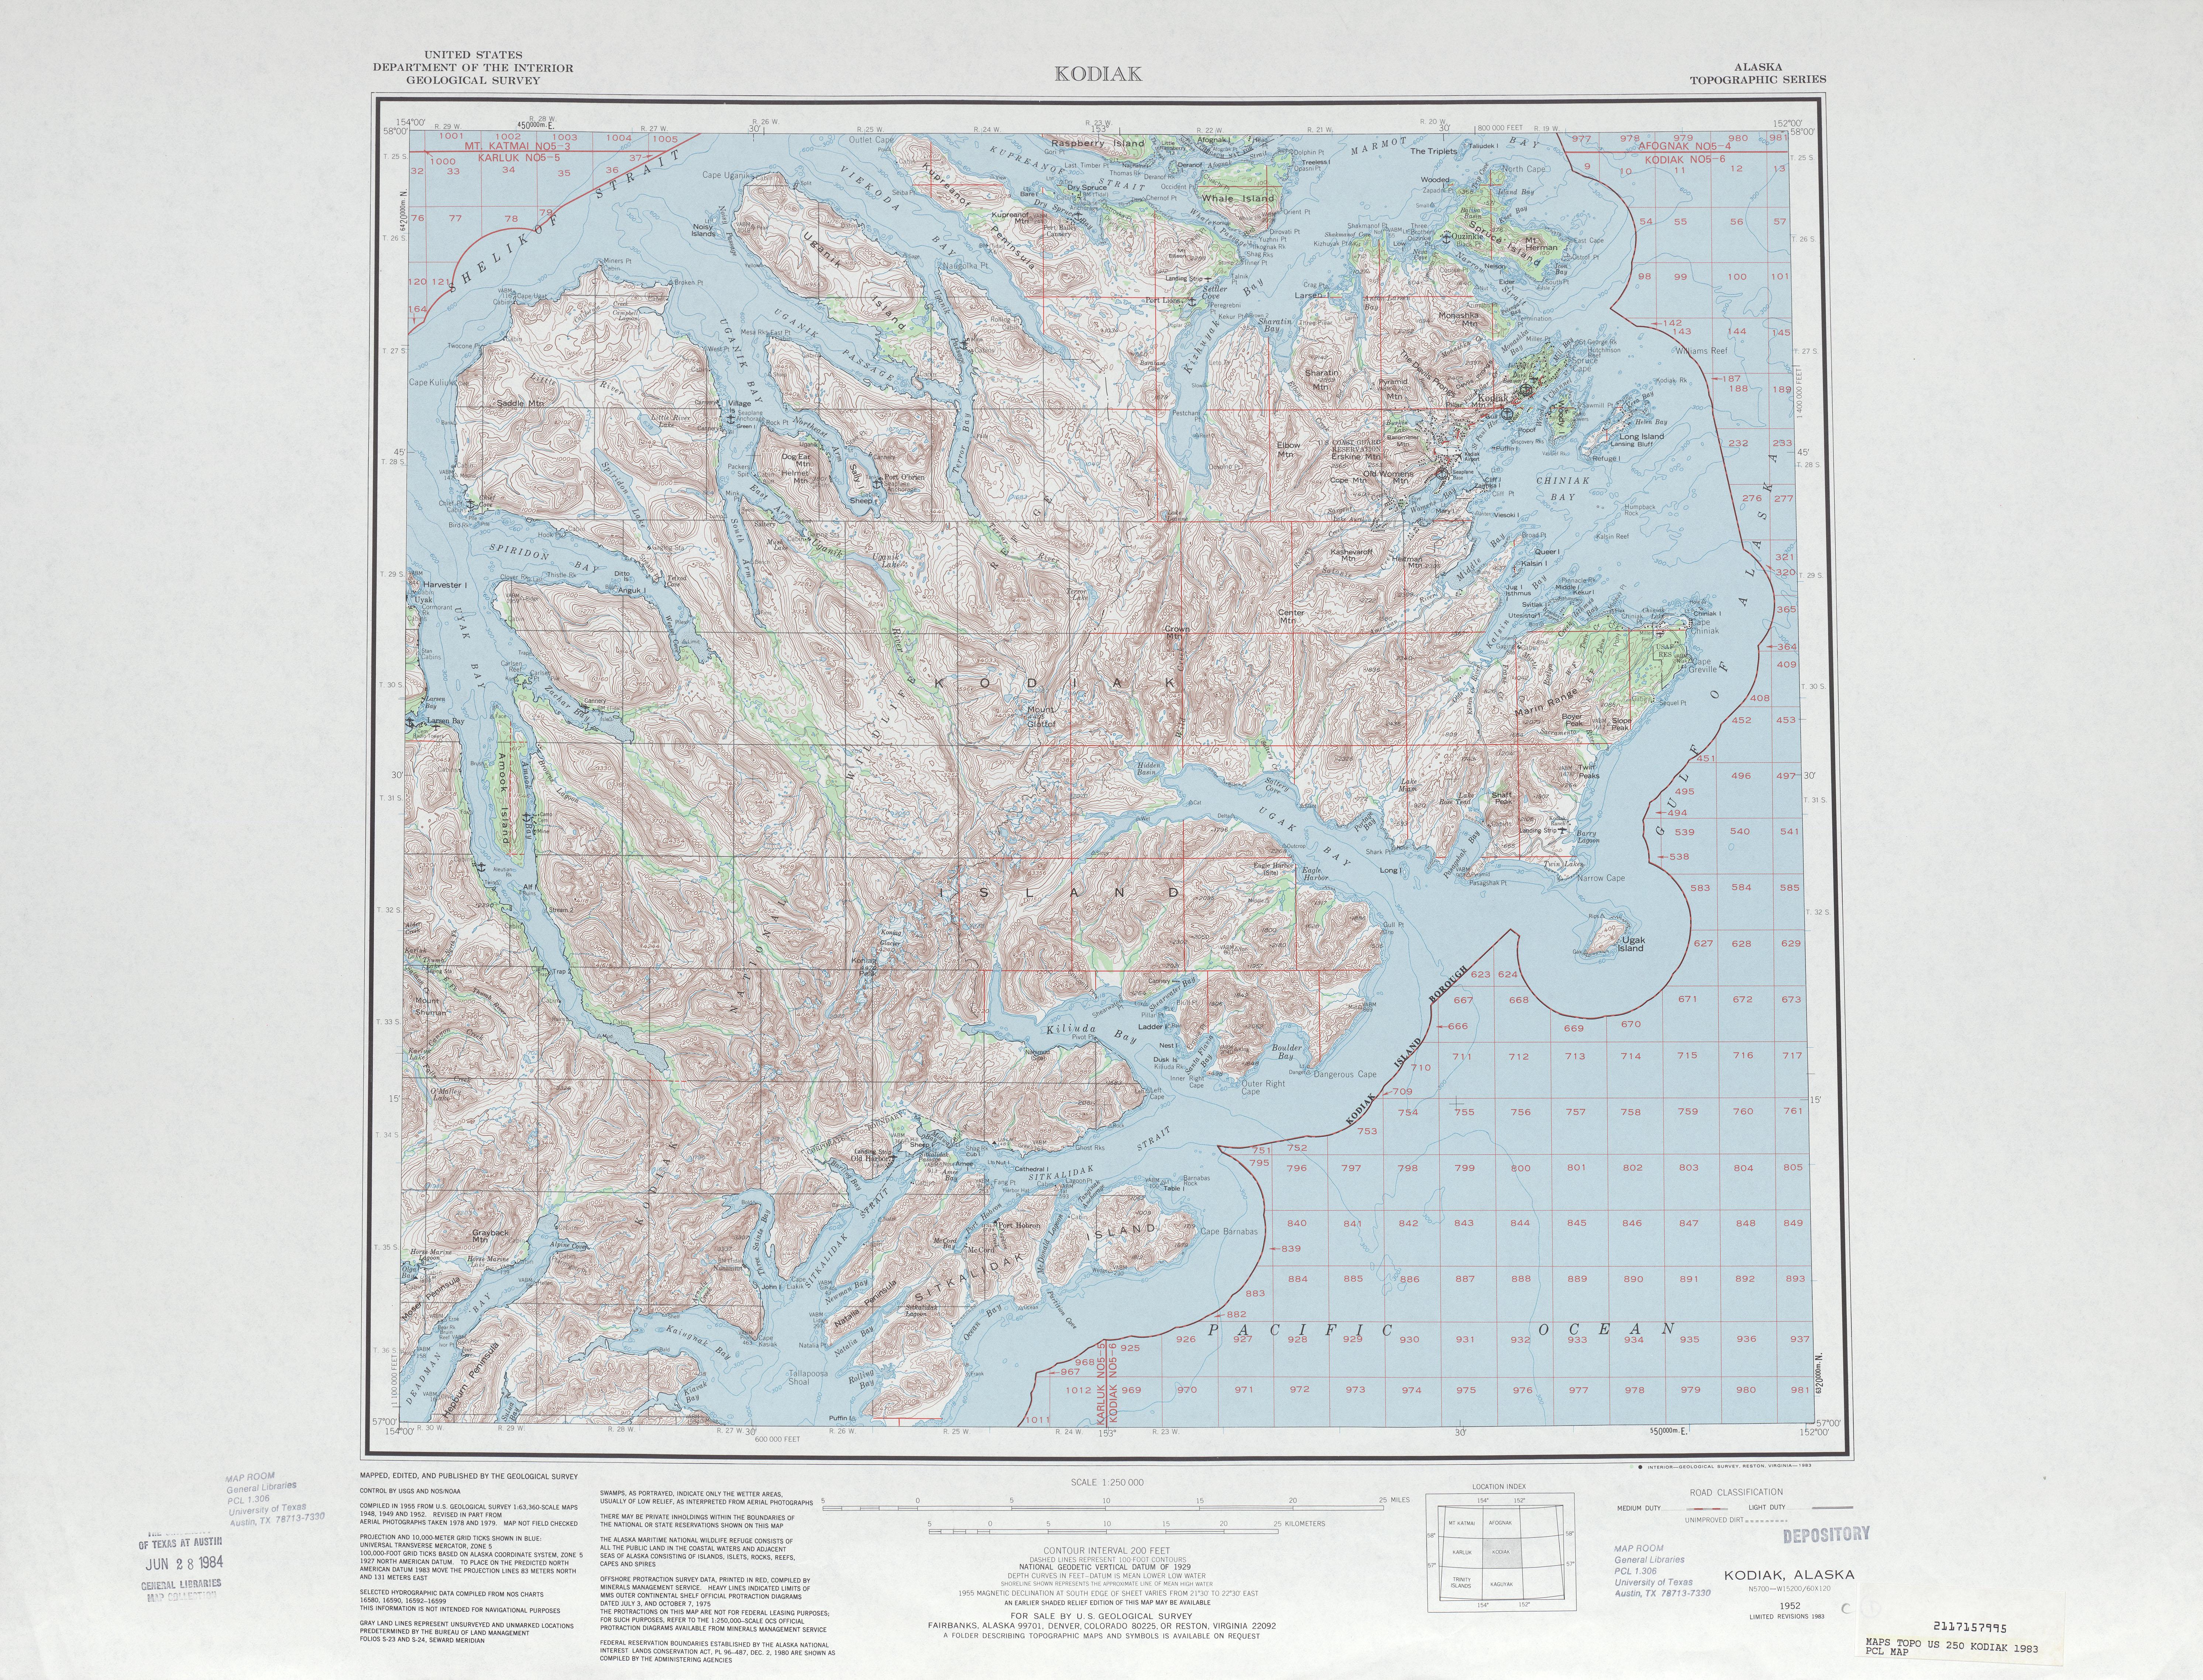 Hoja Kodiak del Mapa Topográfico de los Estados Unidos 1983